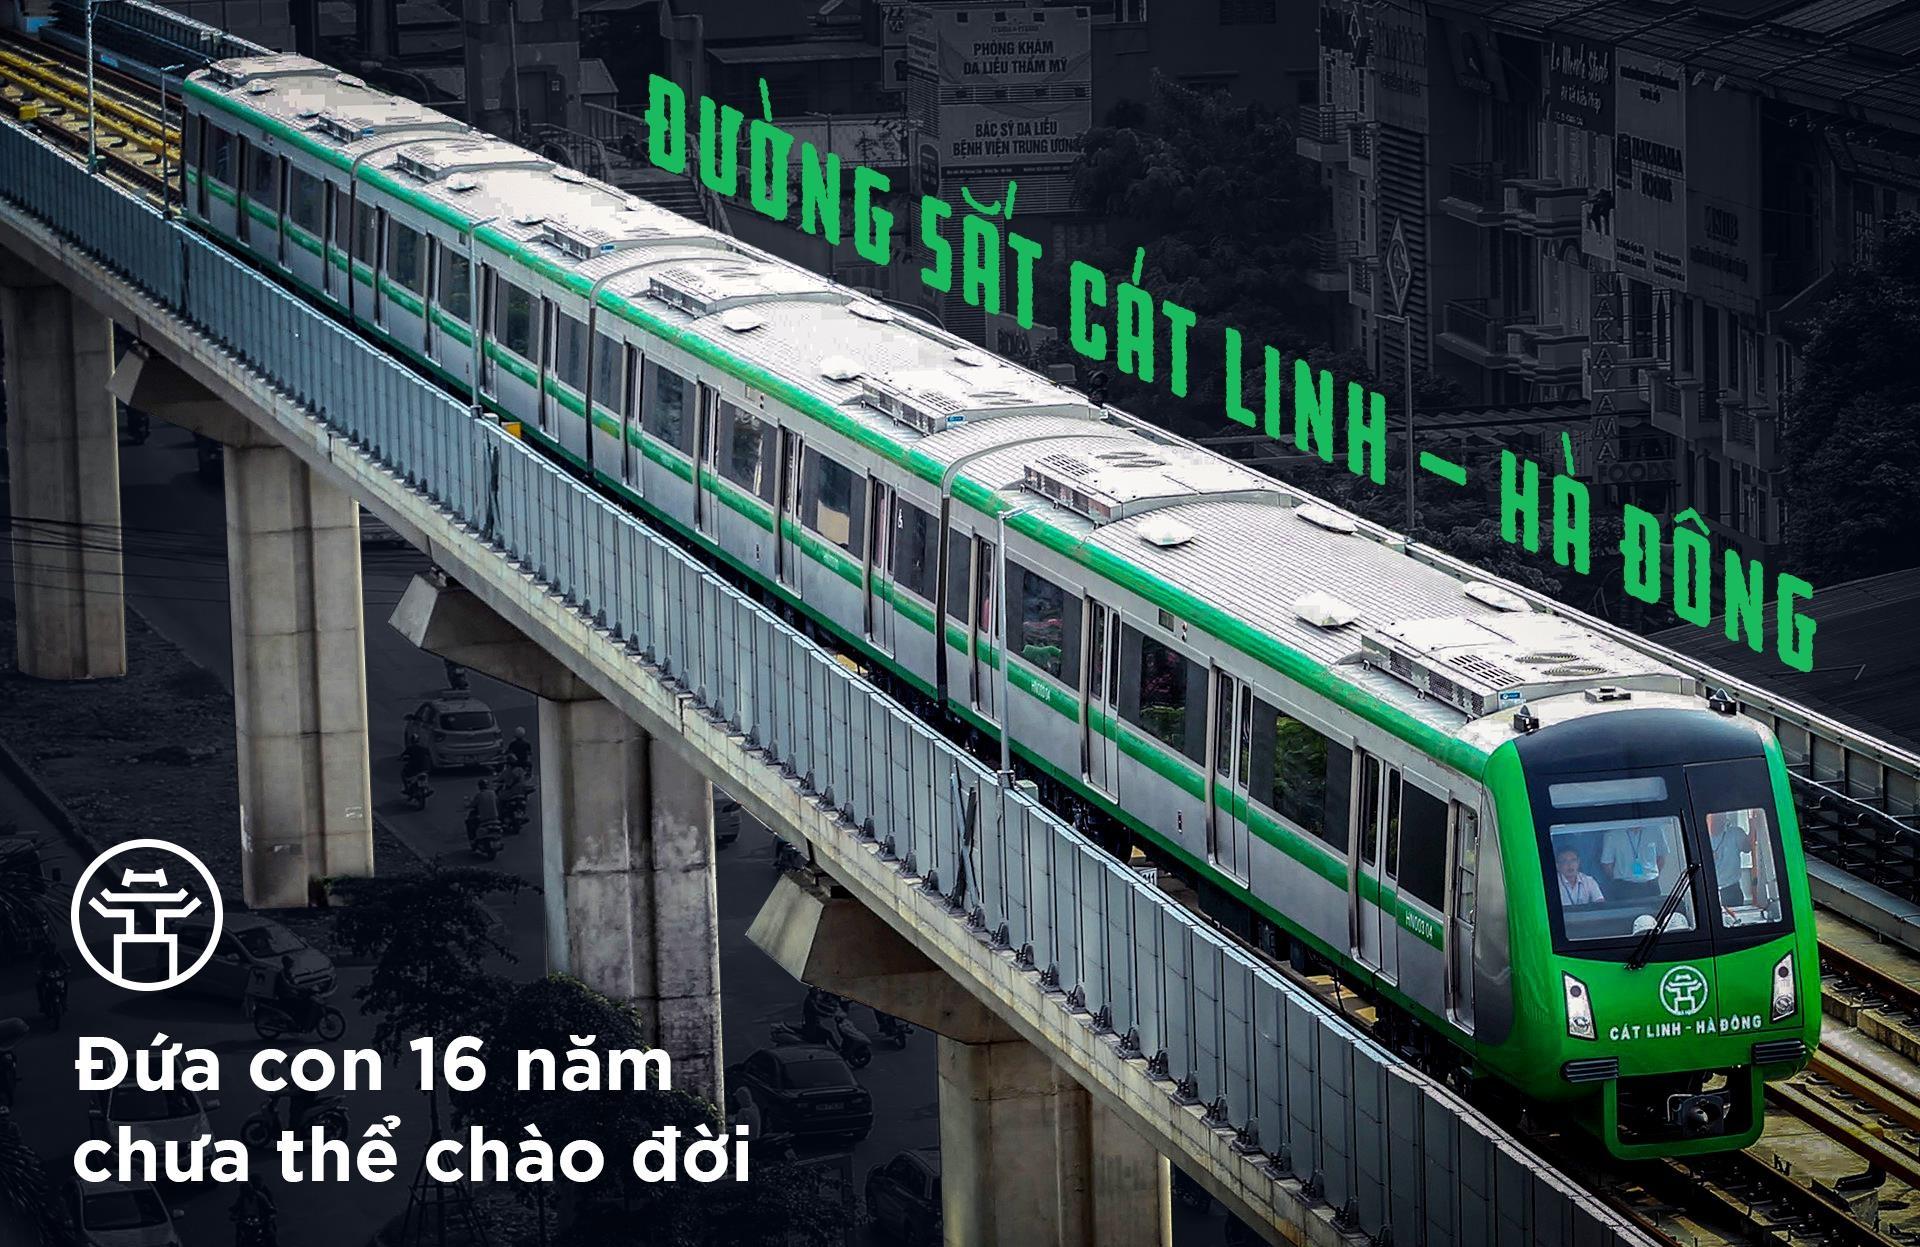 Duong sat Cat Linh - Ha Dong: Dua con 16 nam chua the chao doi hinh anh 2